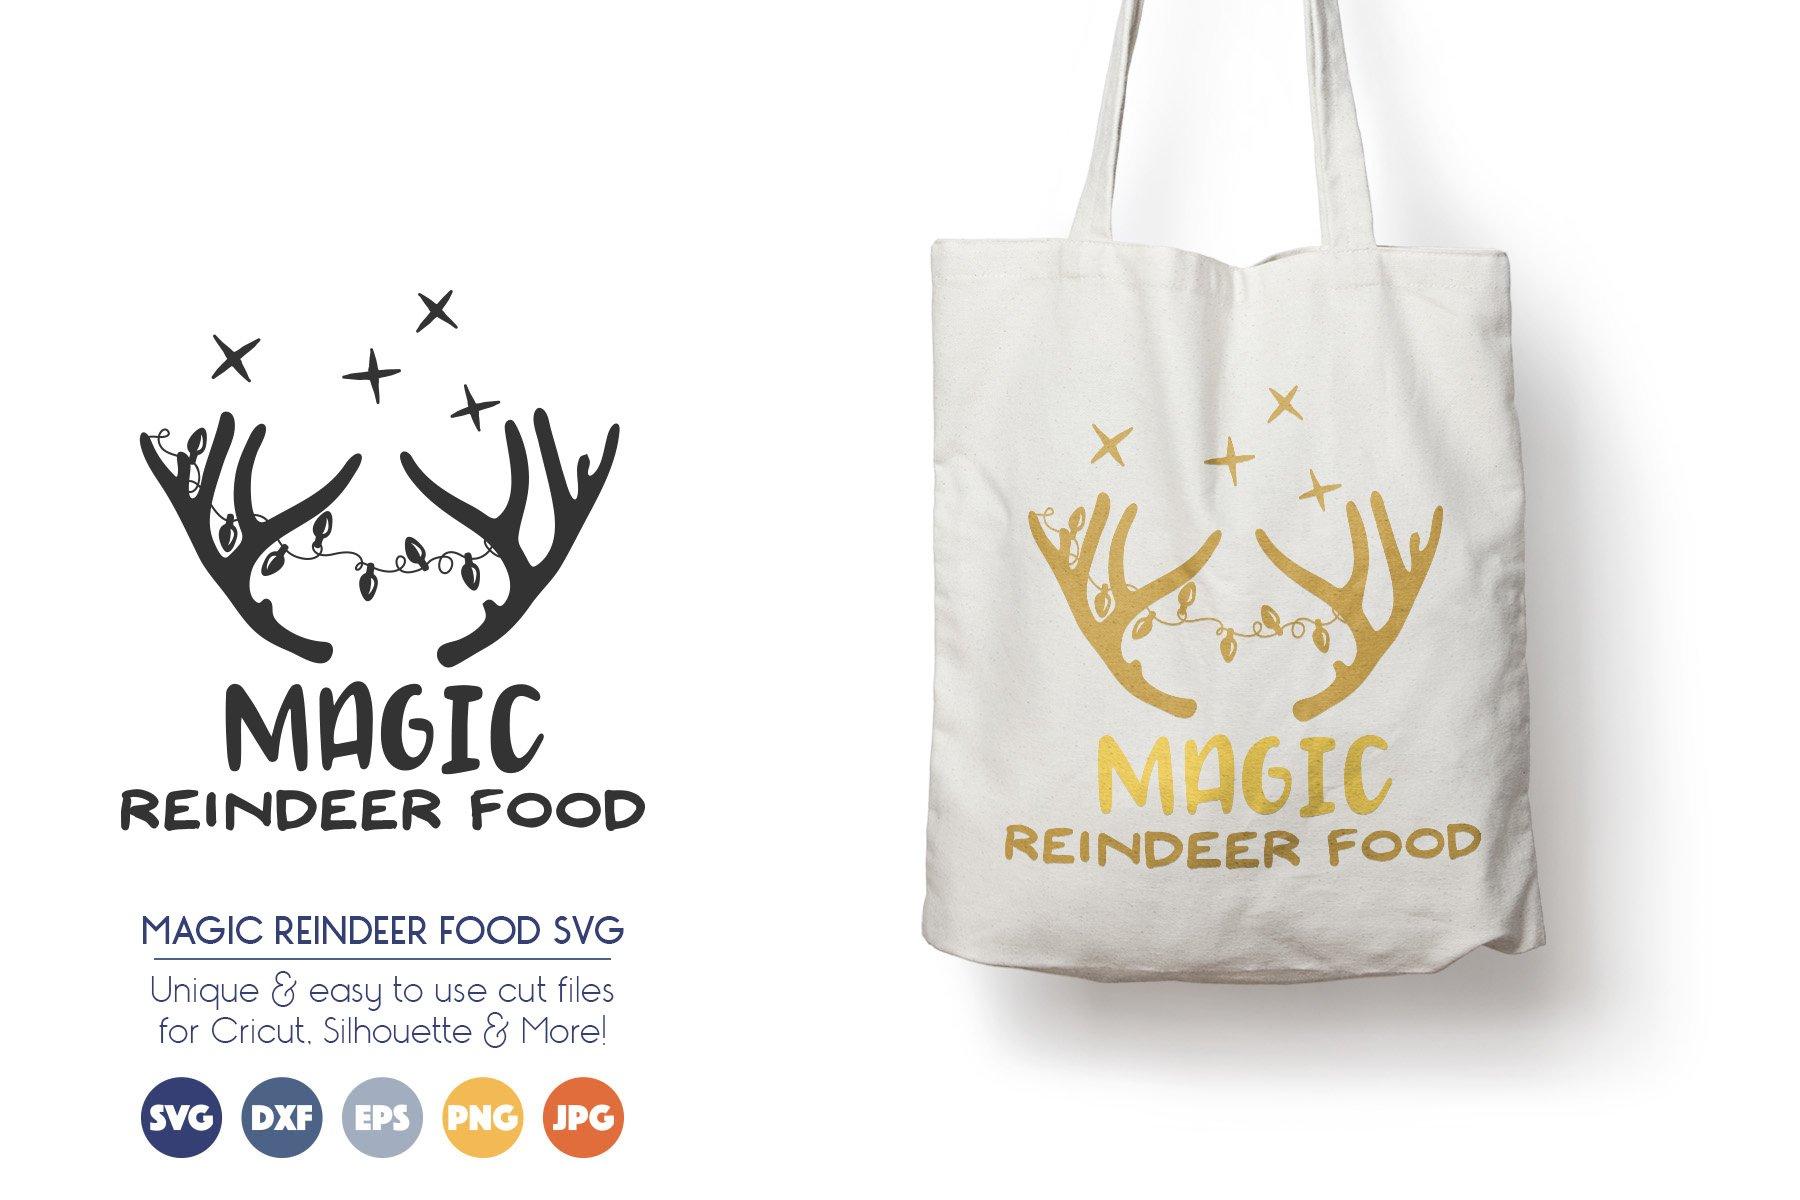 Reindeer SVG Files - Magic Reindeer Food example image 1